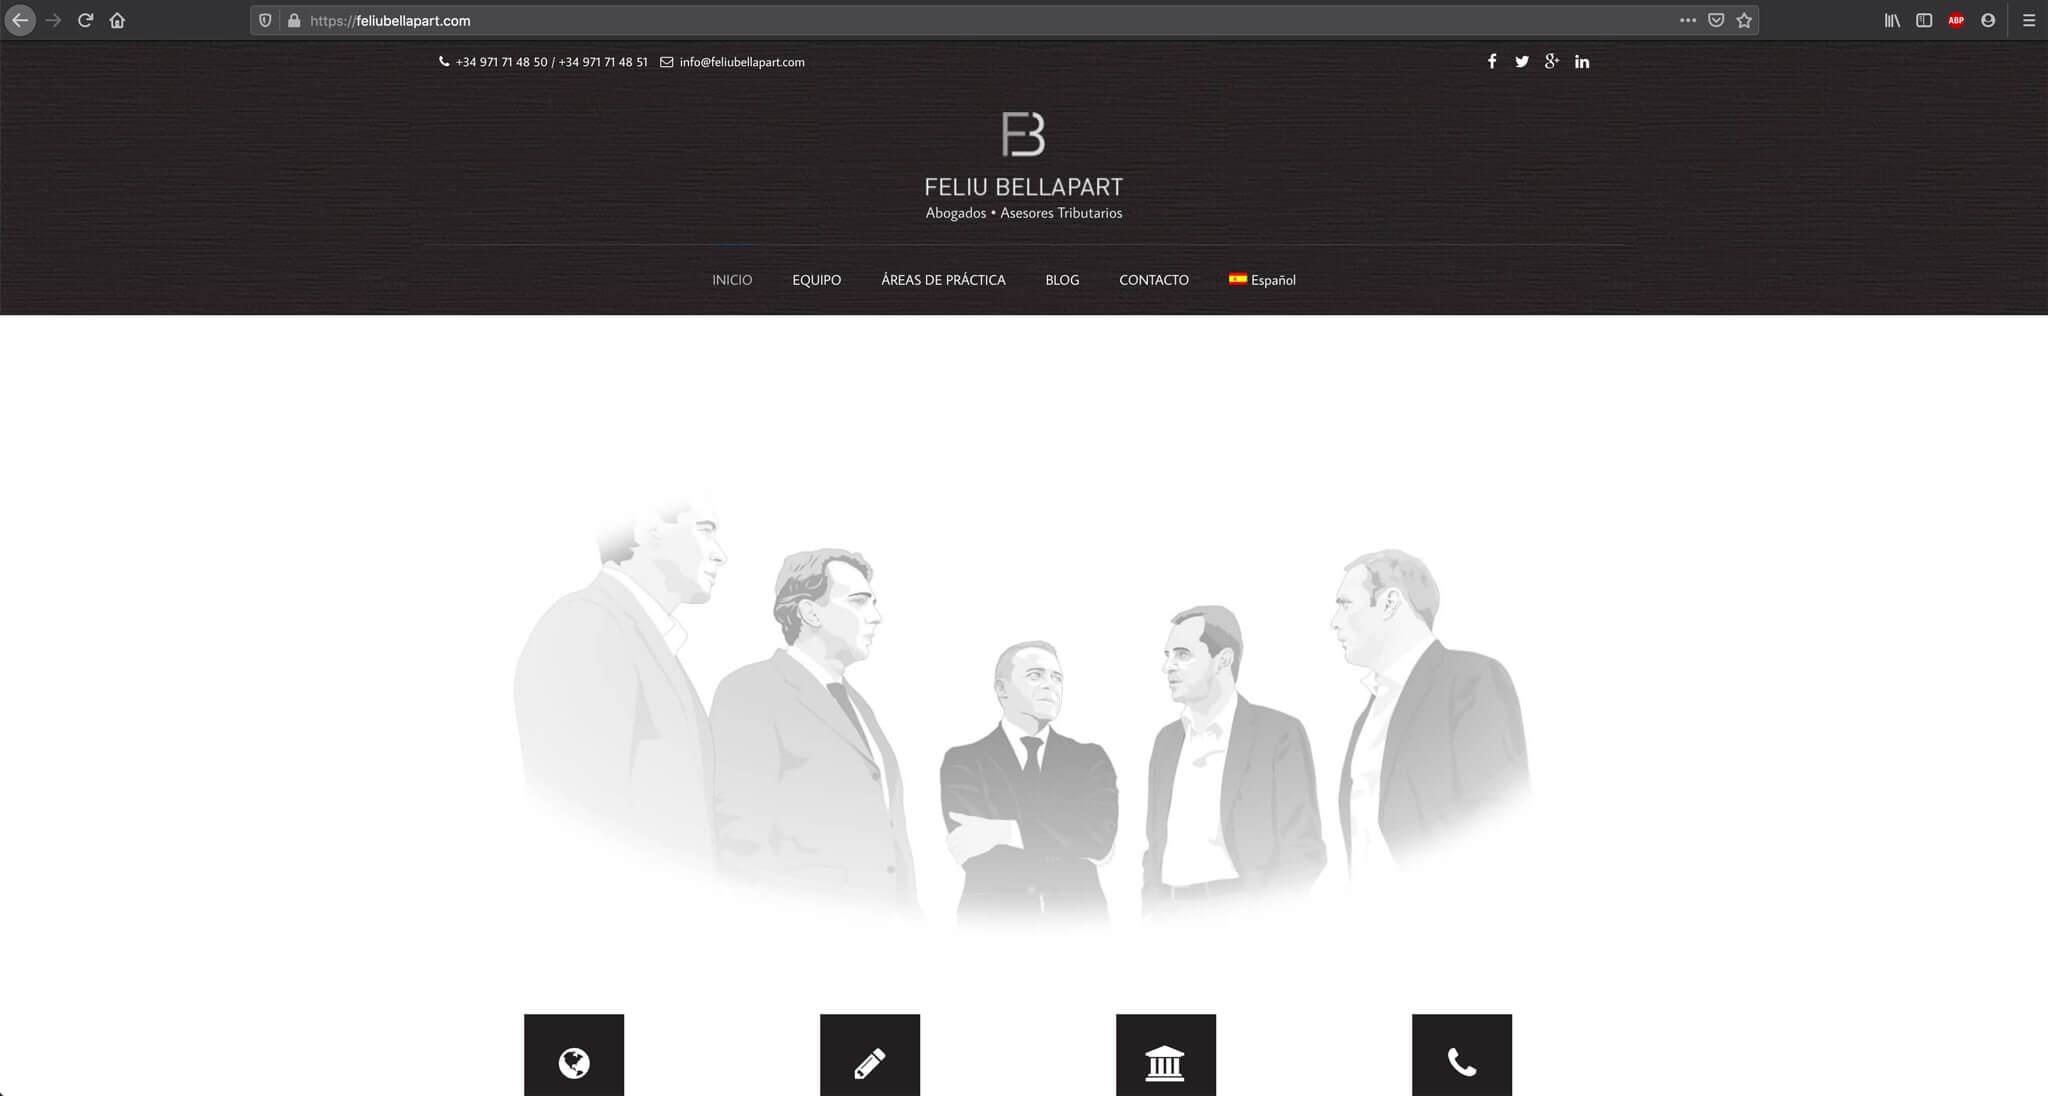 Website- Feliu Bellapart - Home